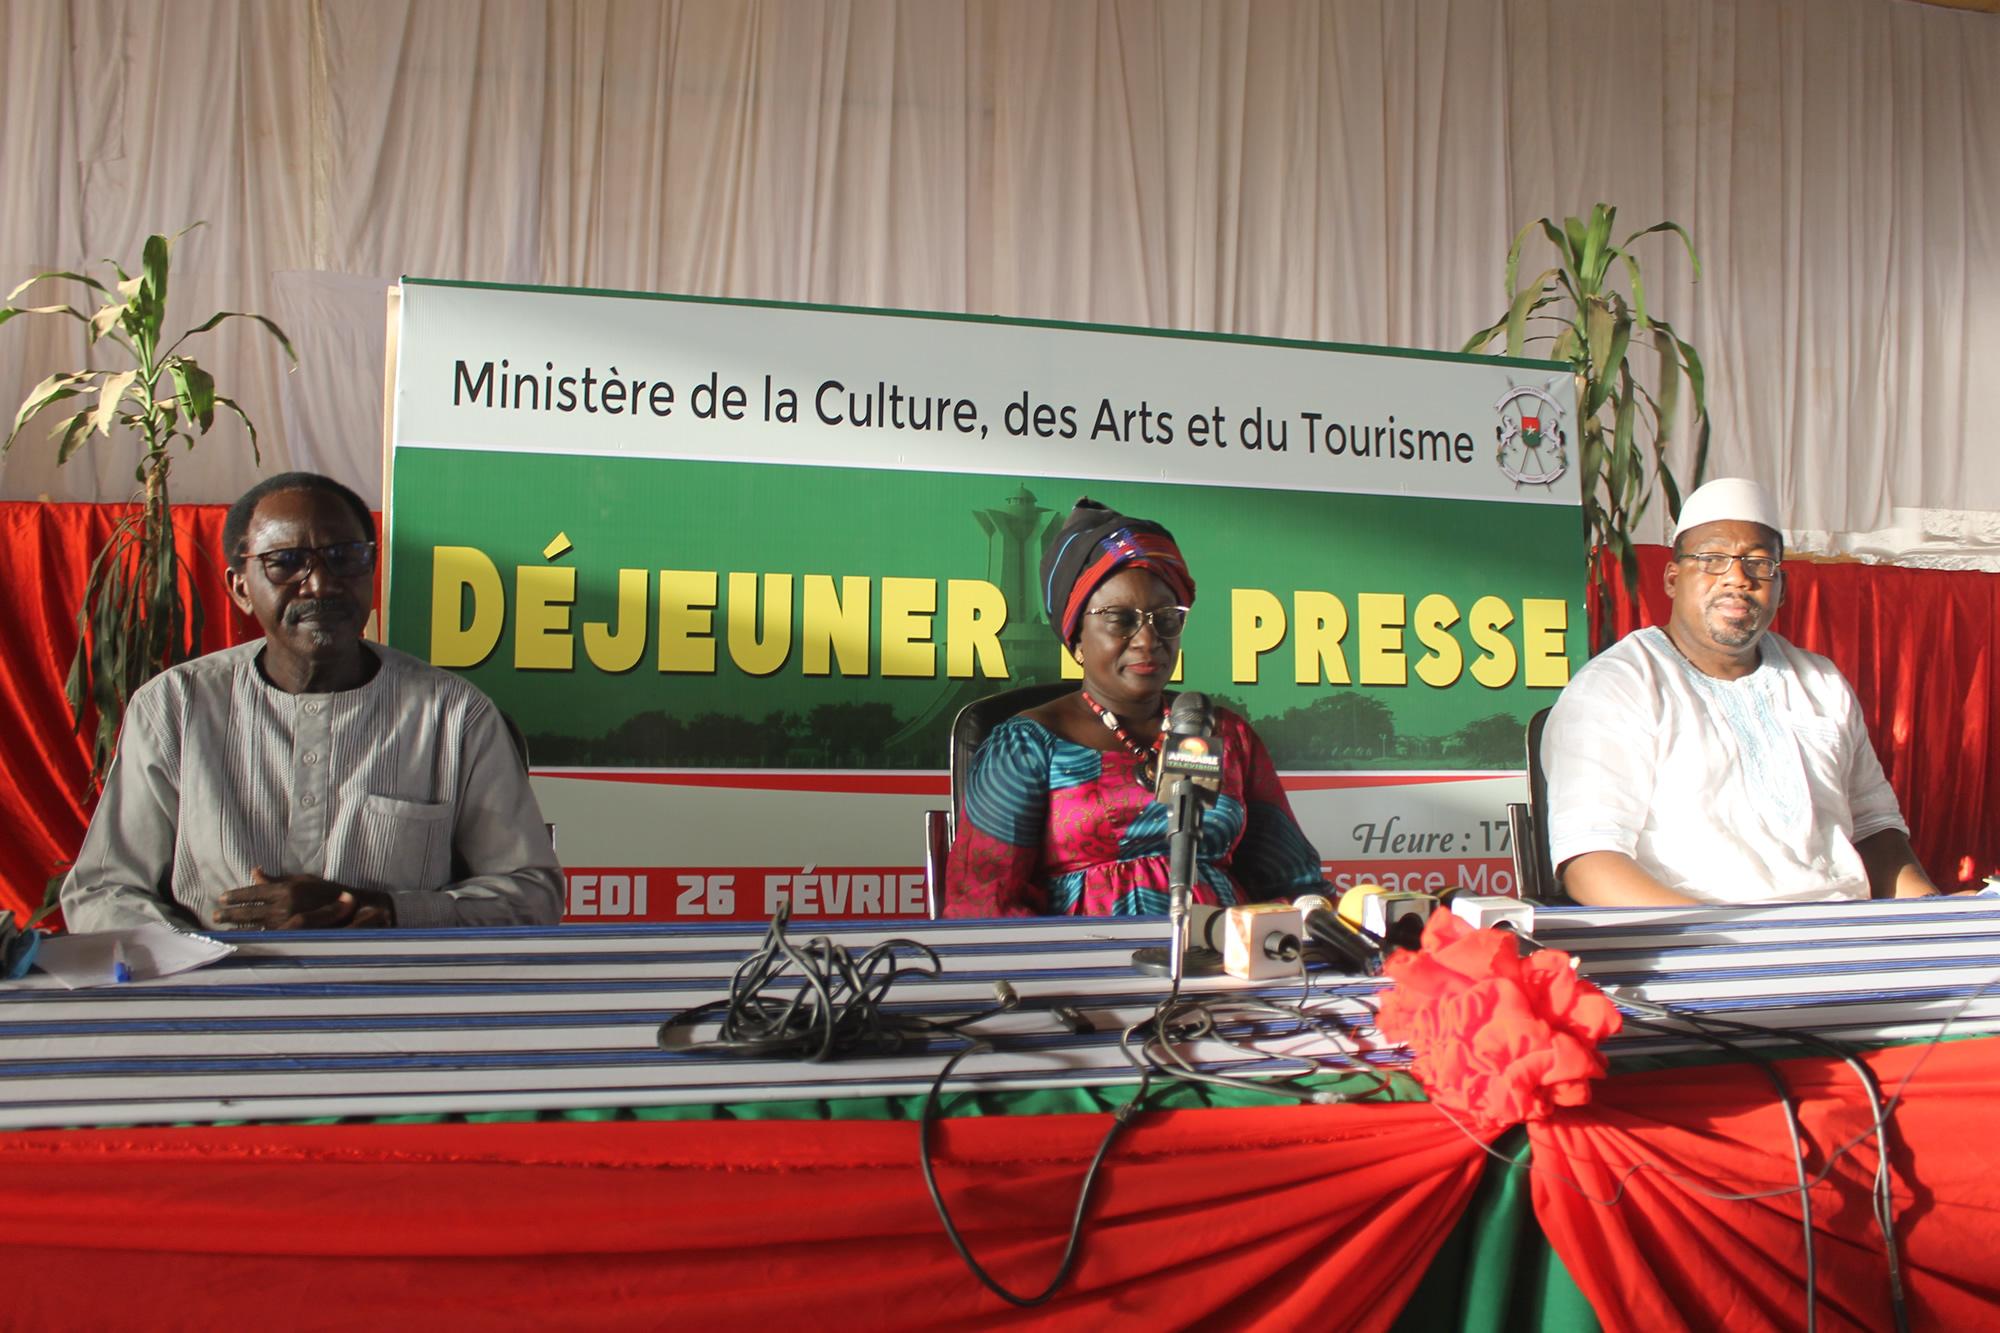 La Ministre de la culture rencontre les journalistes, communicateurs et animateurs culturels.